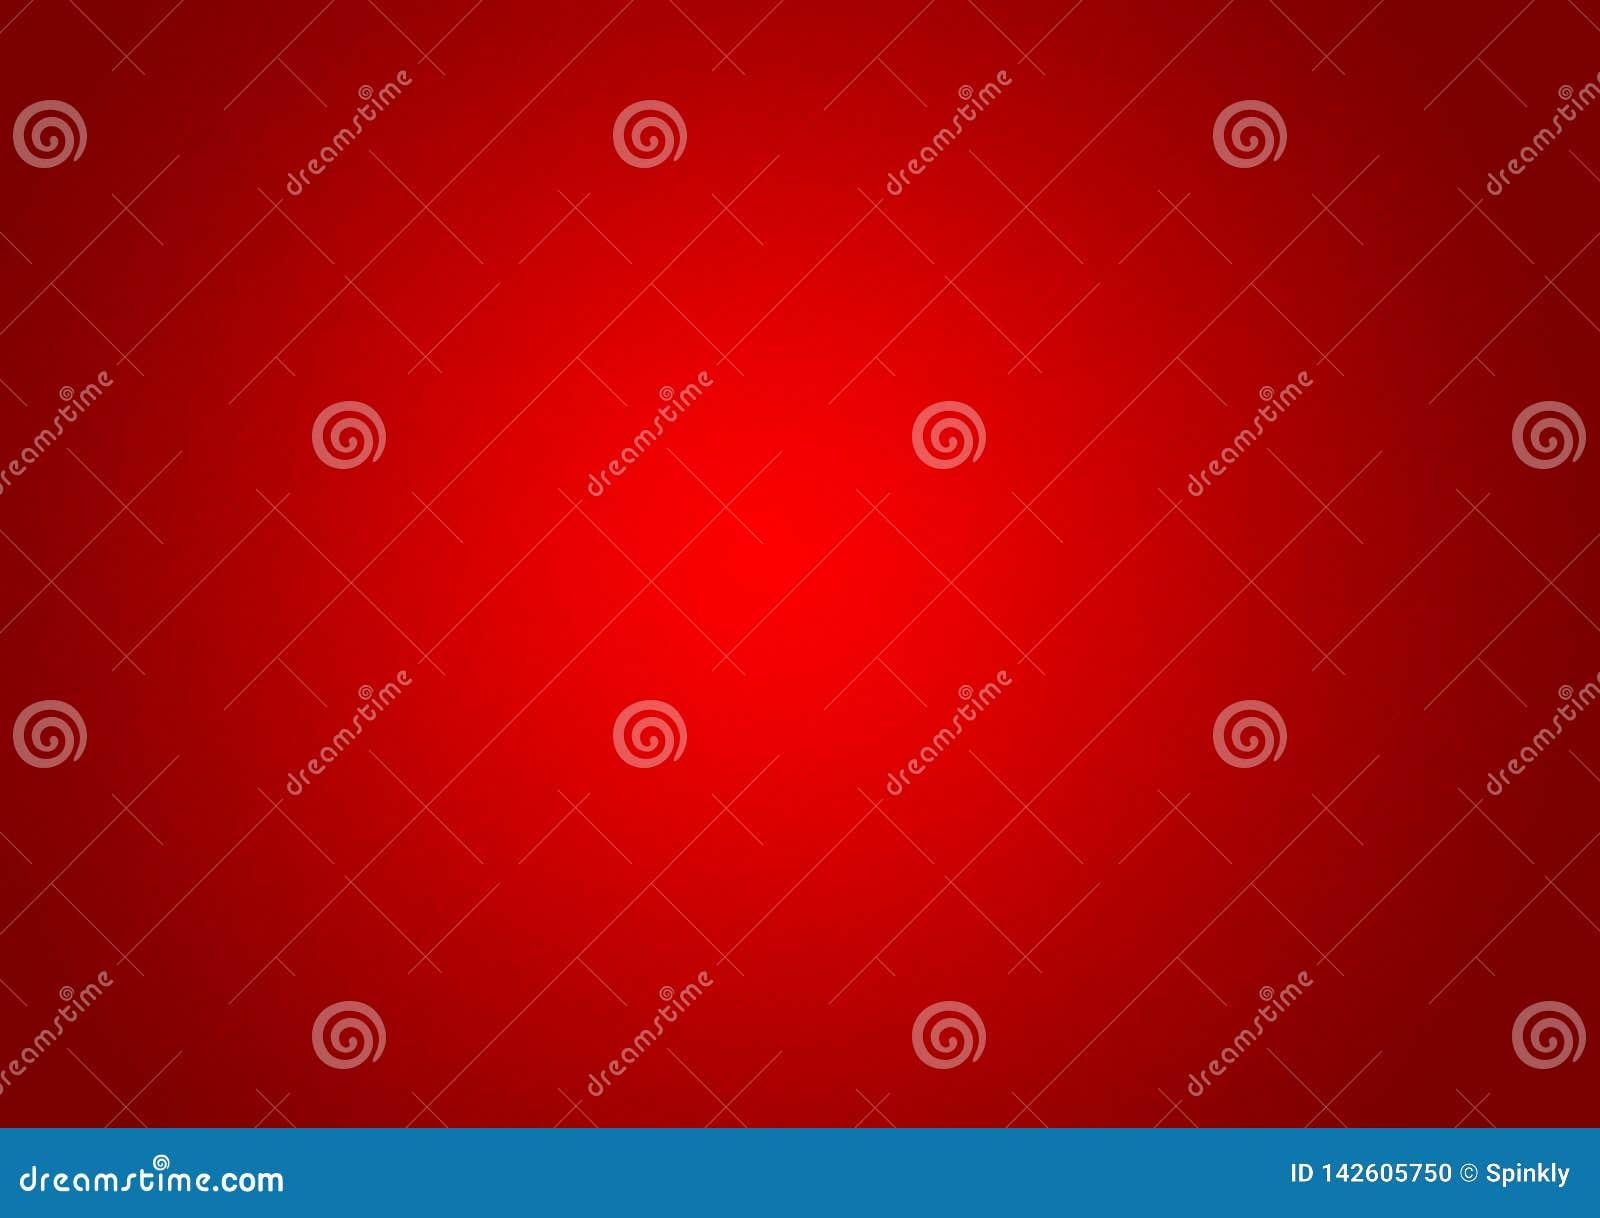 Red textured gradient wallpaper background design